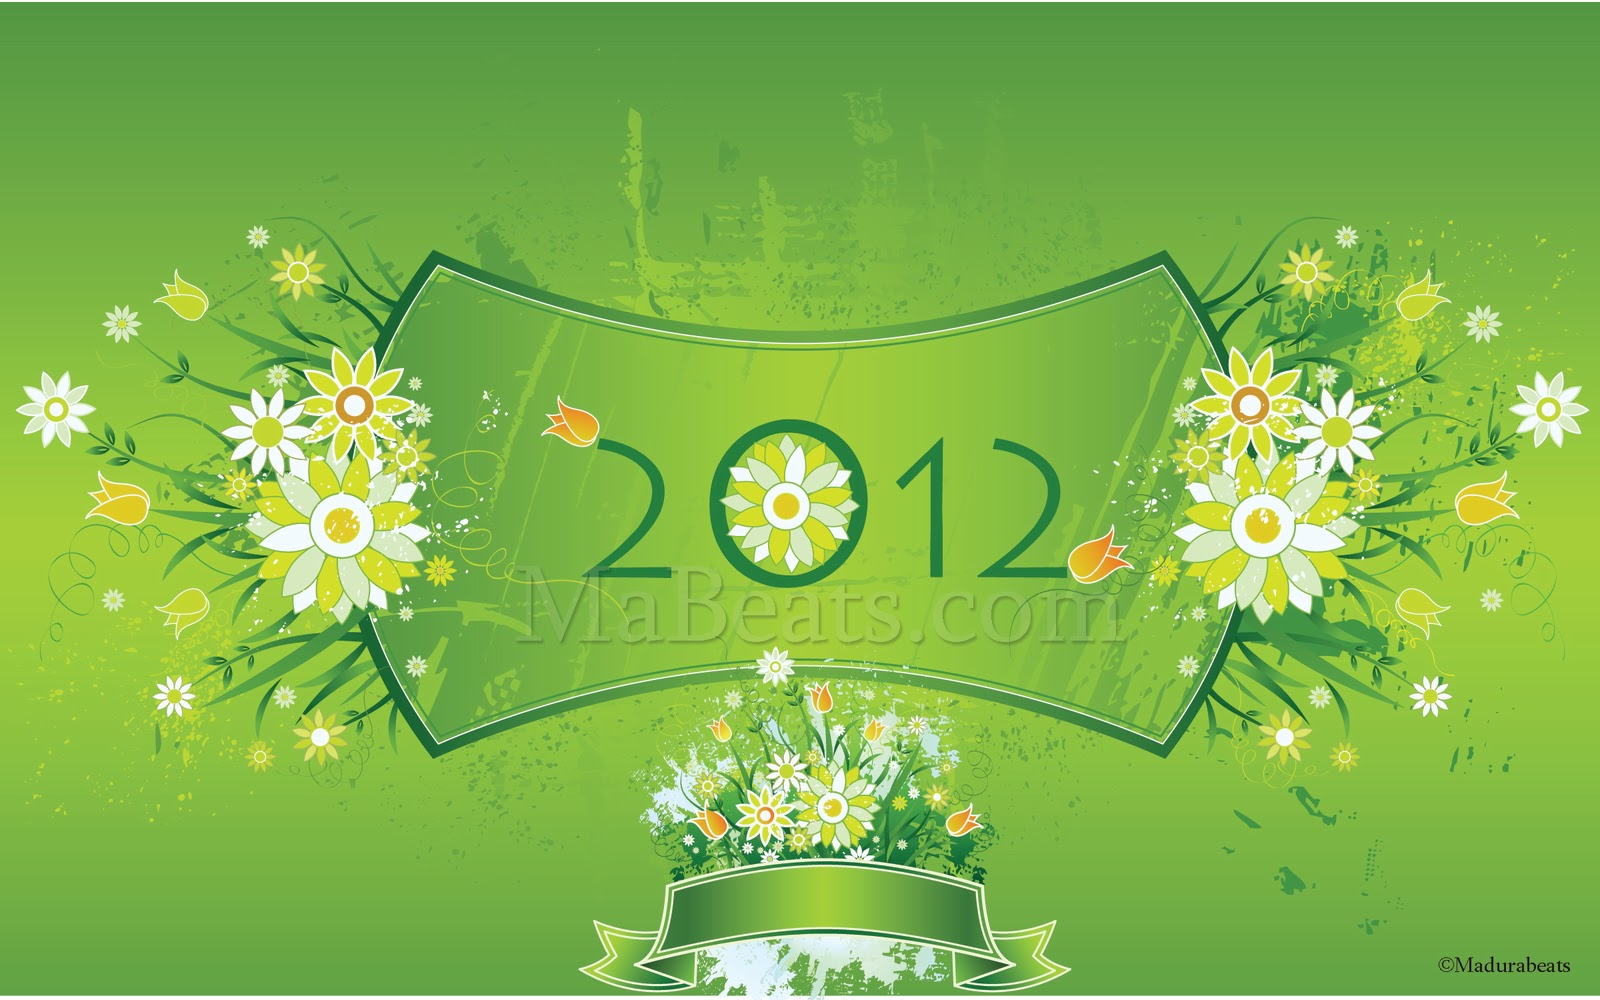 2012 - Happy new year -MaBeats